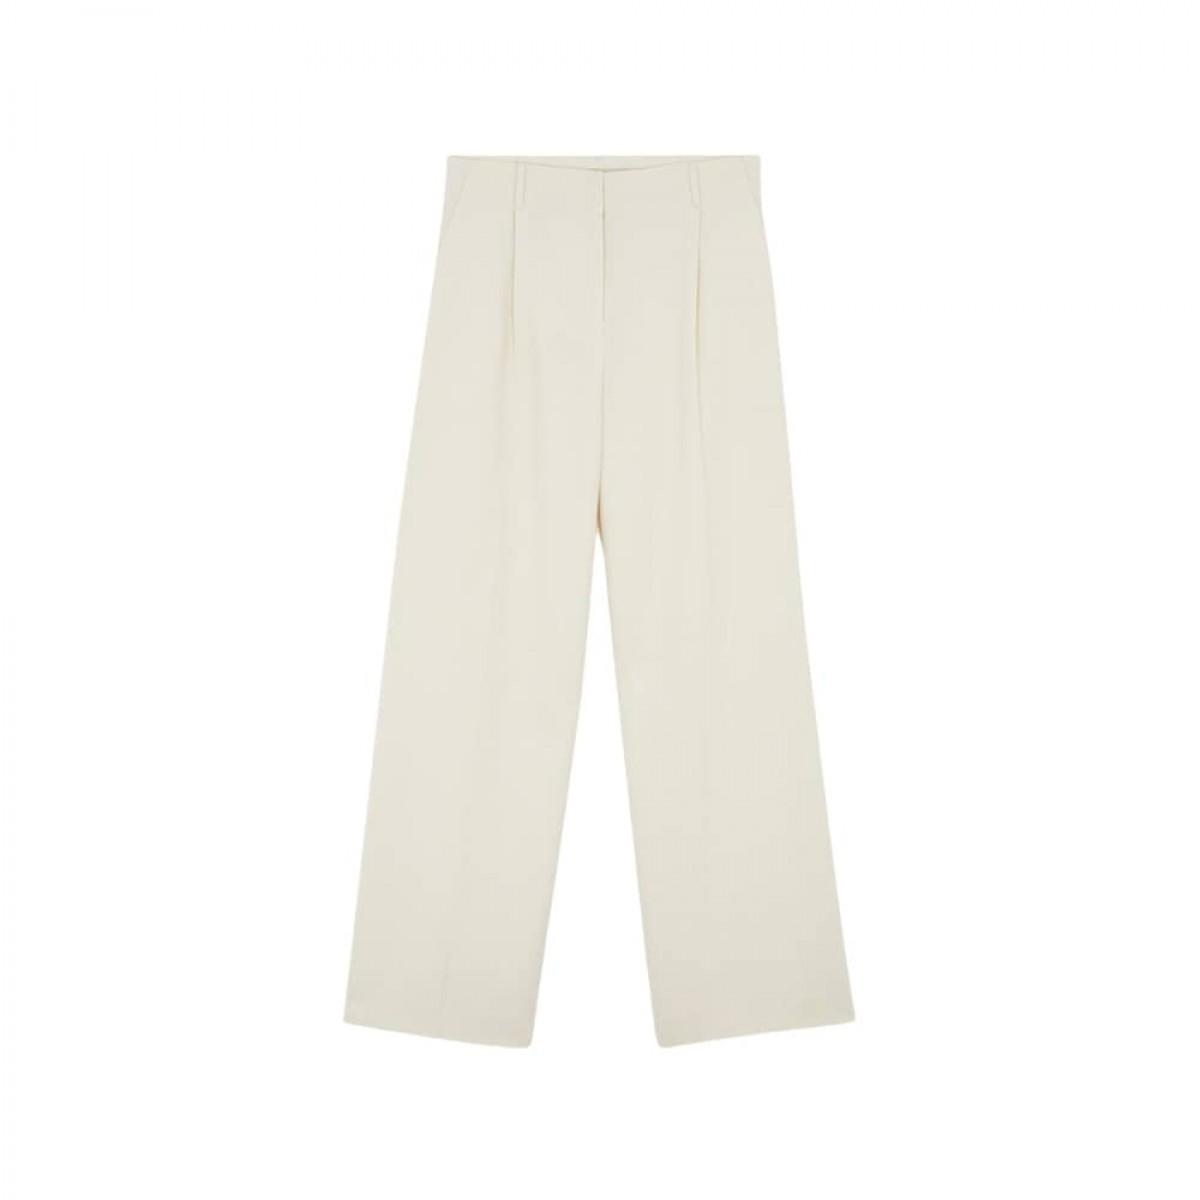 rodolf bukser - creme - front